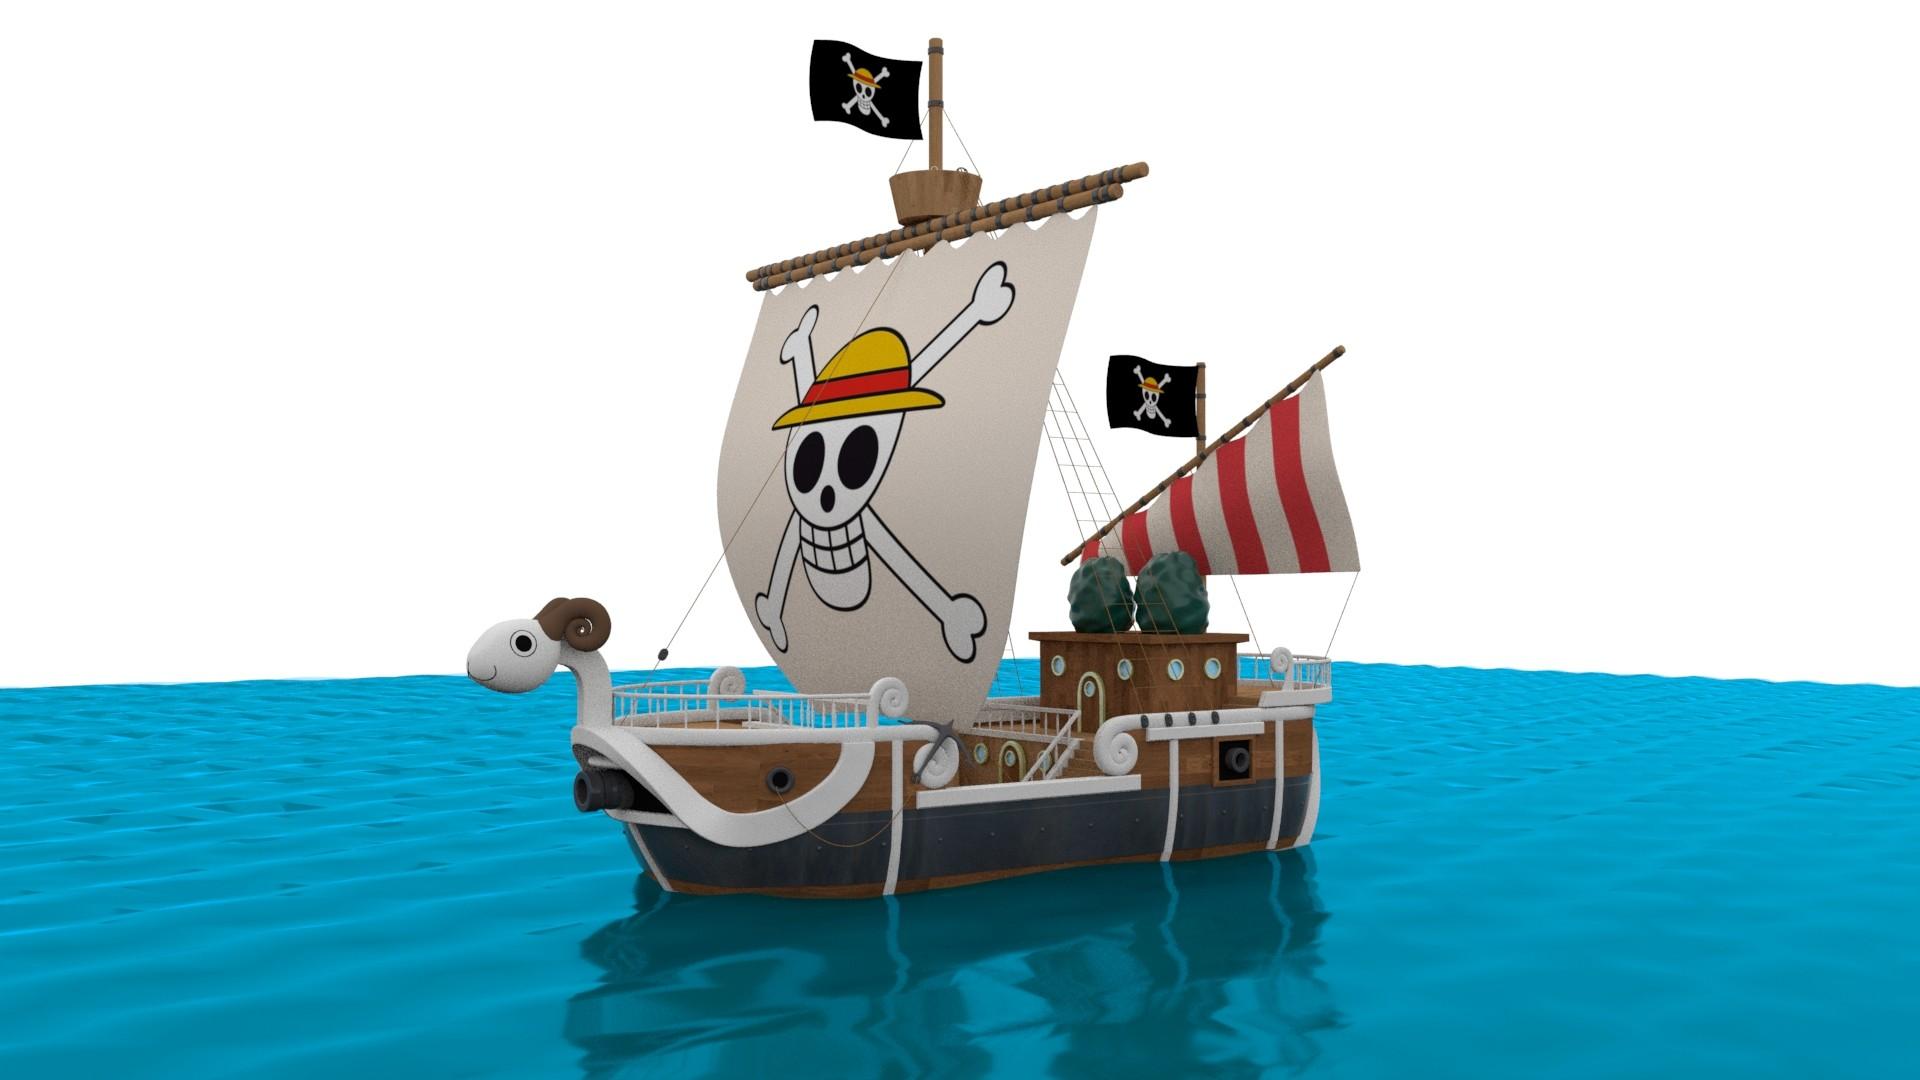 Firdaus Amir - One Piece Going Merry